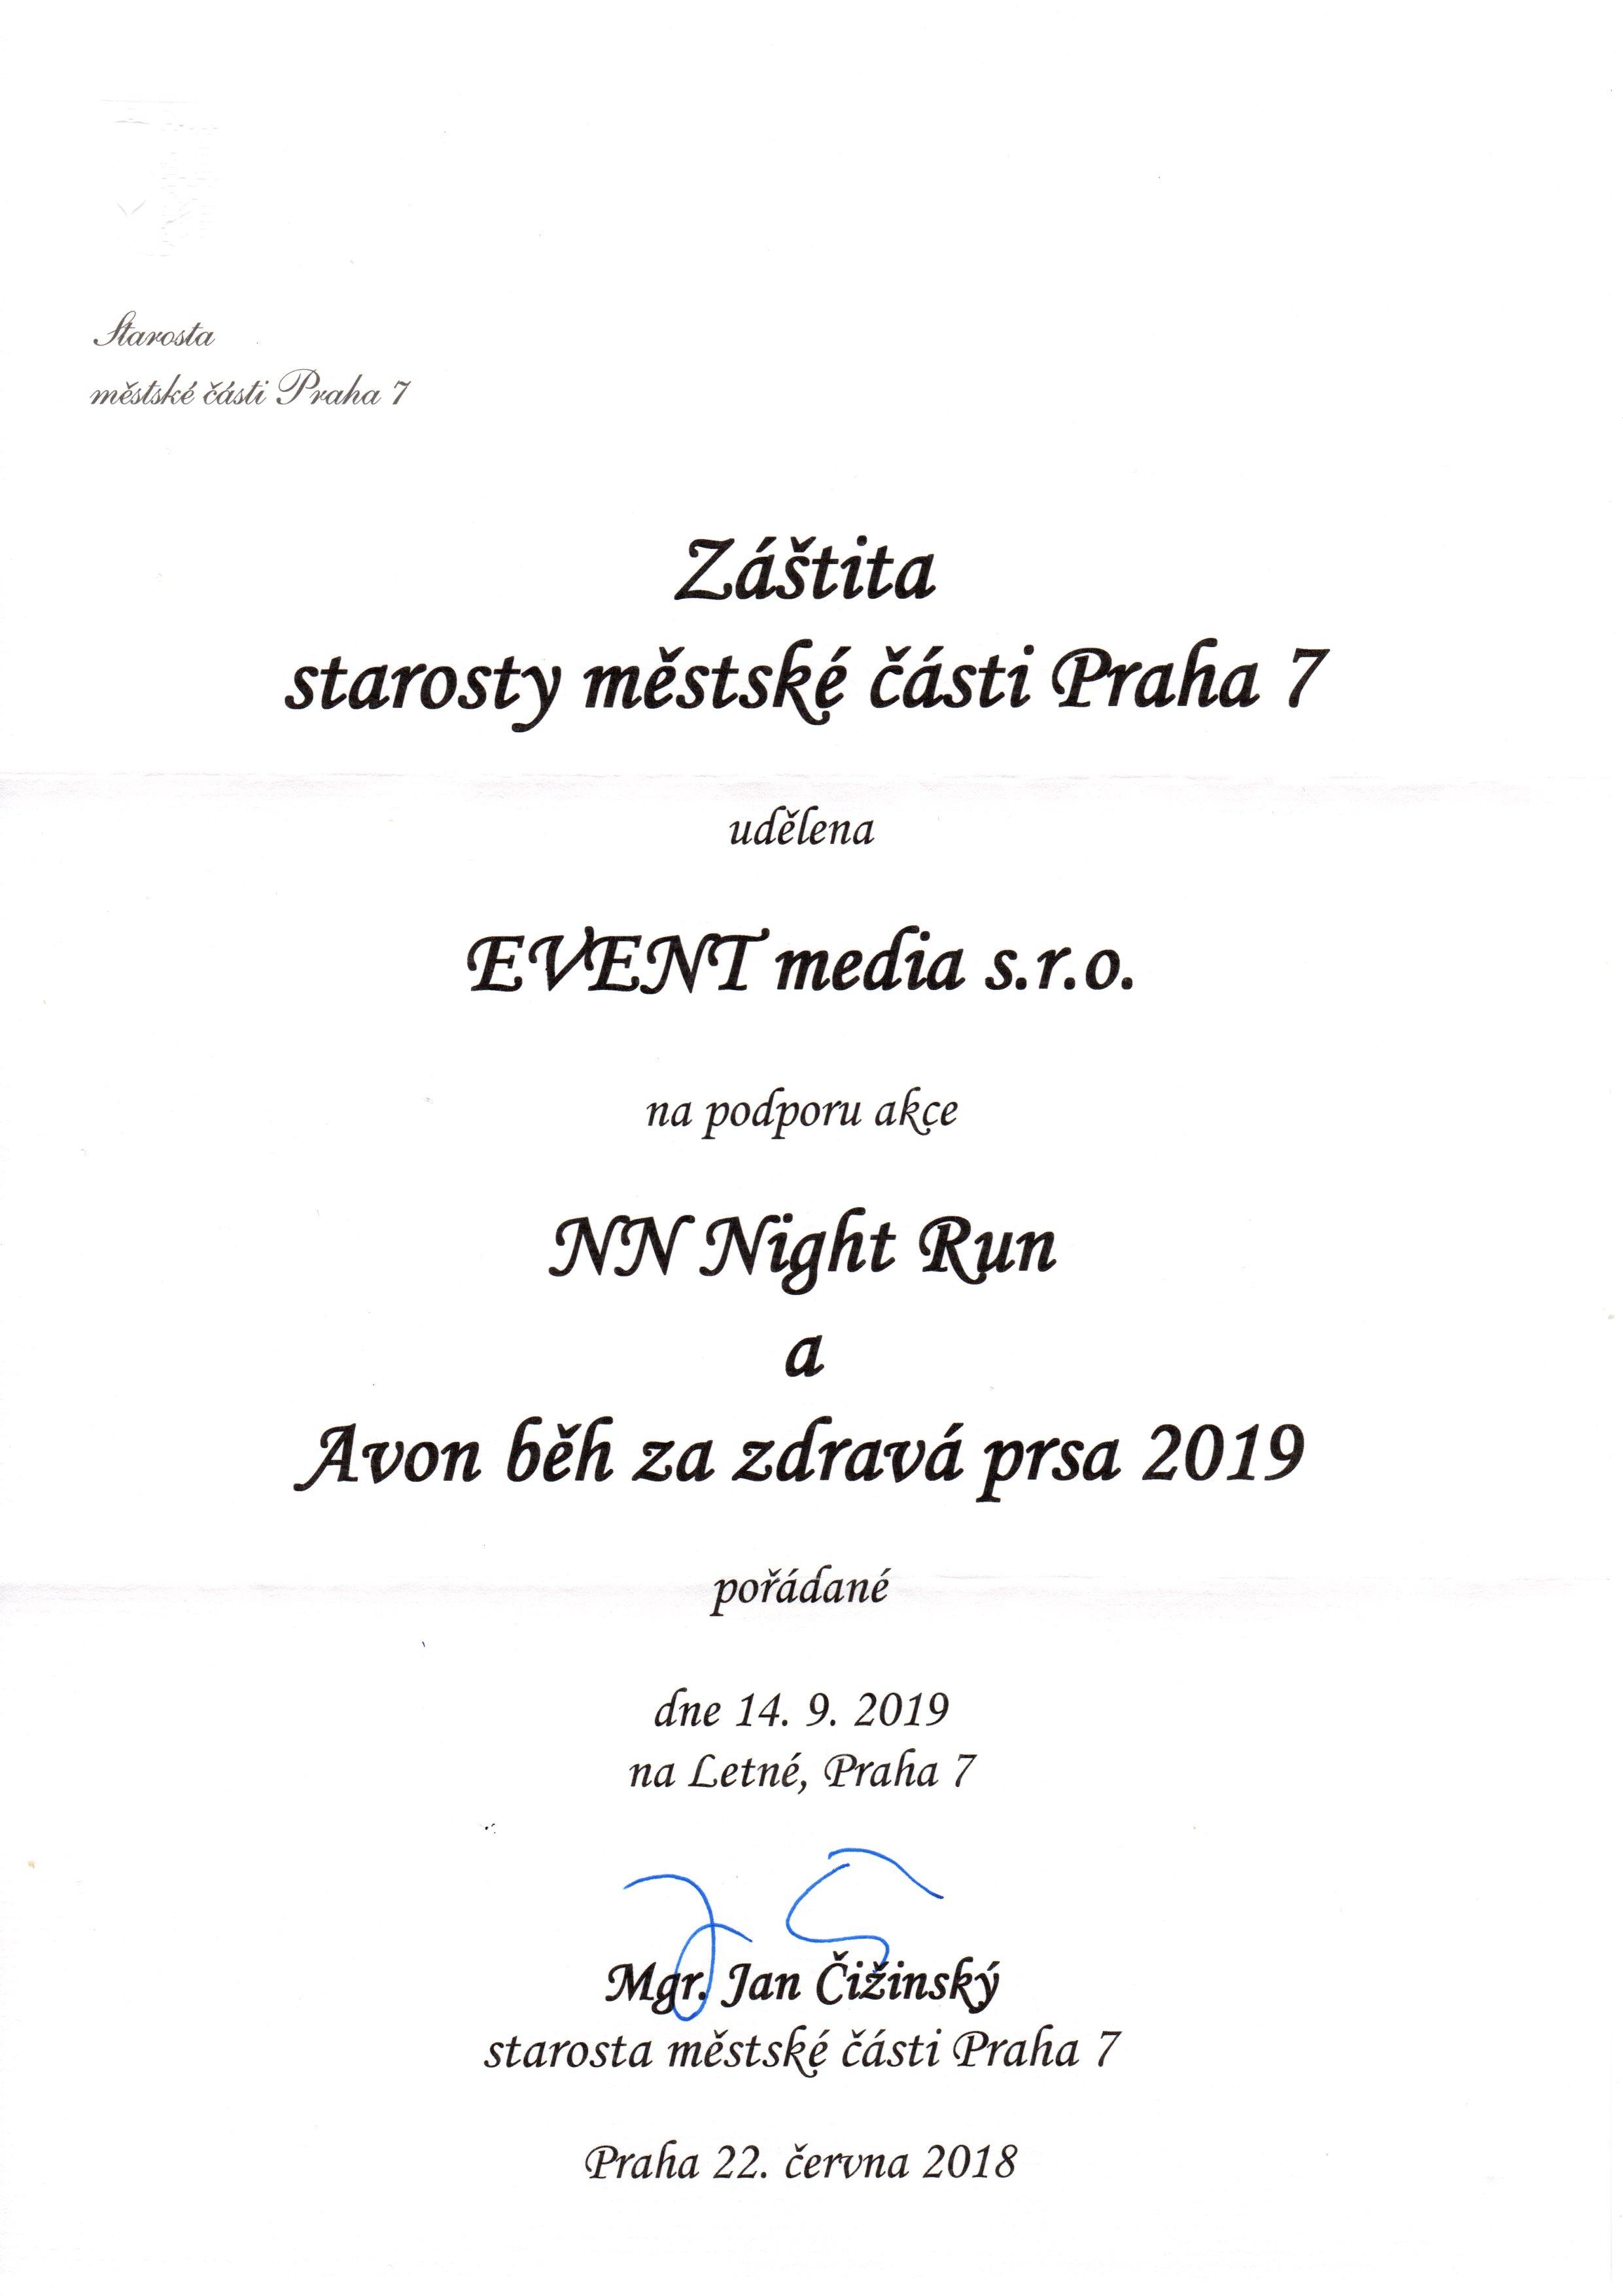 zastita_PHA7_NR_2019